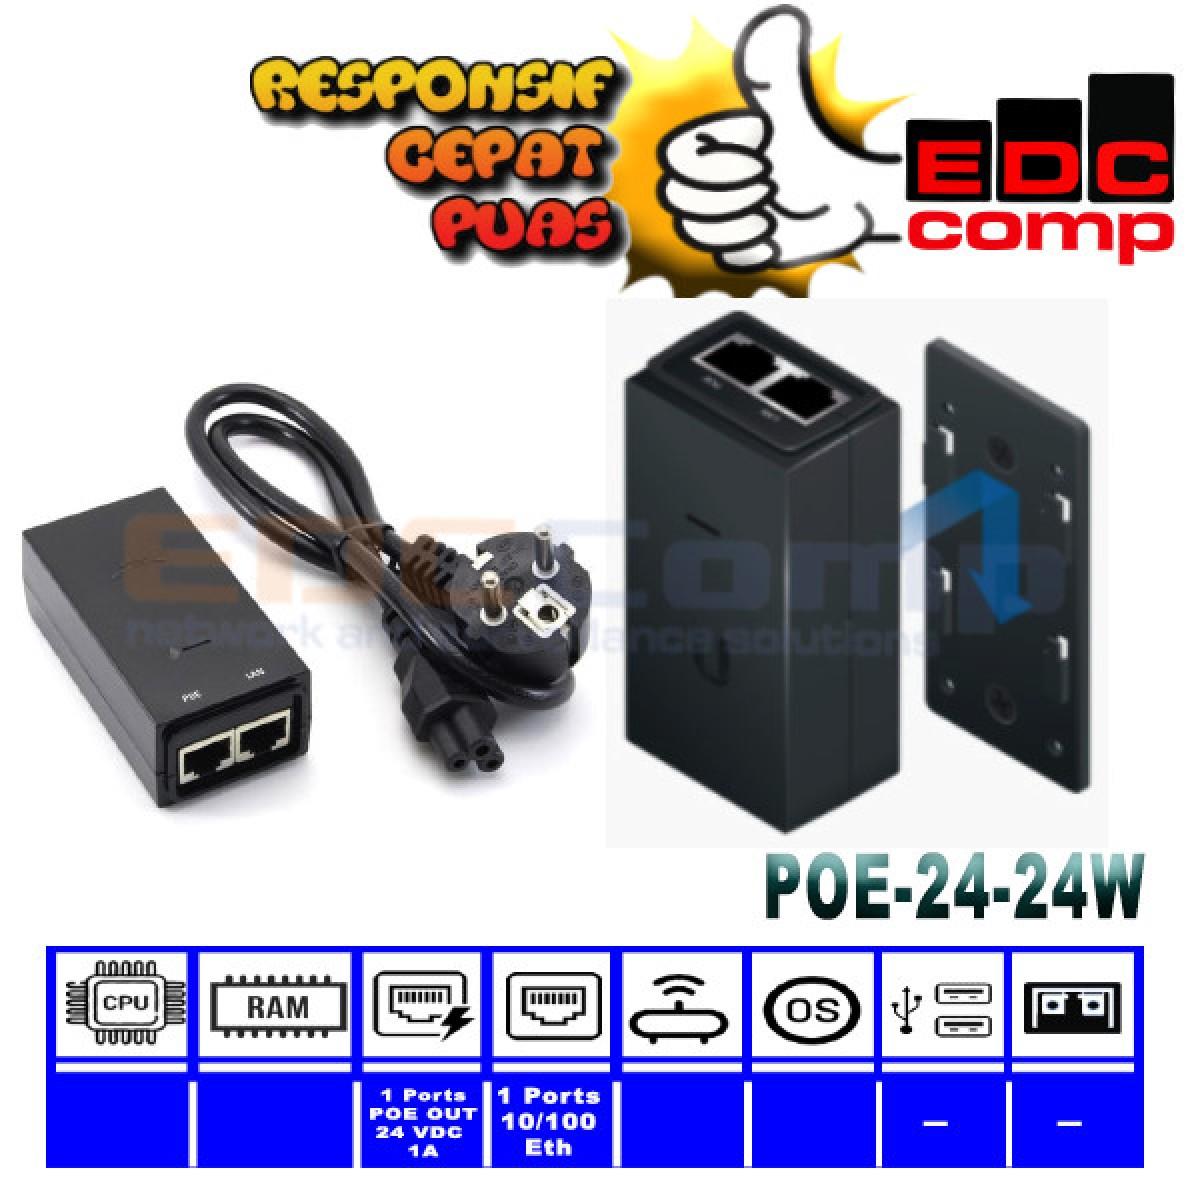 UBiQuiti PoE Adapter 24VDC-24W 1A - EdcComp